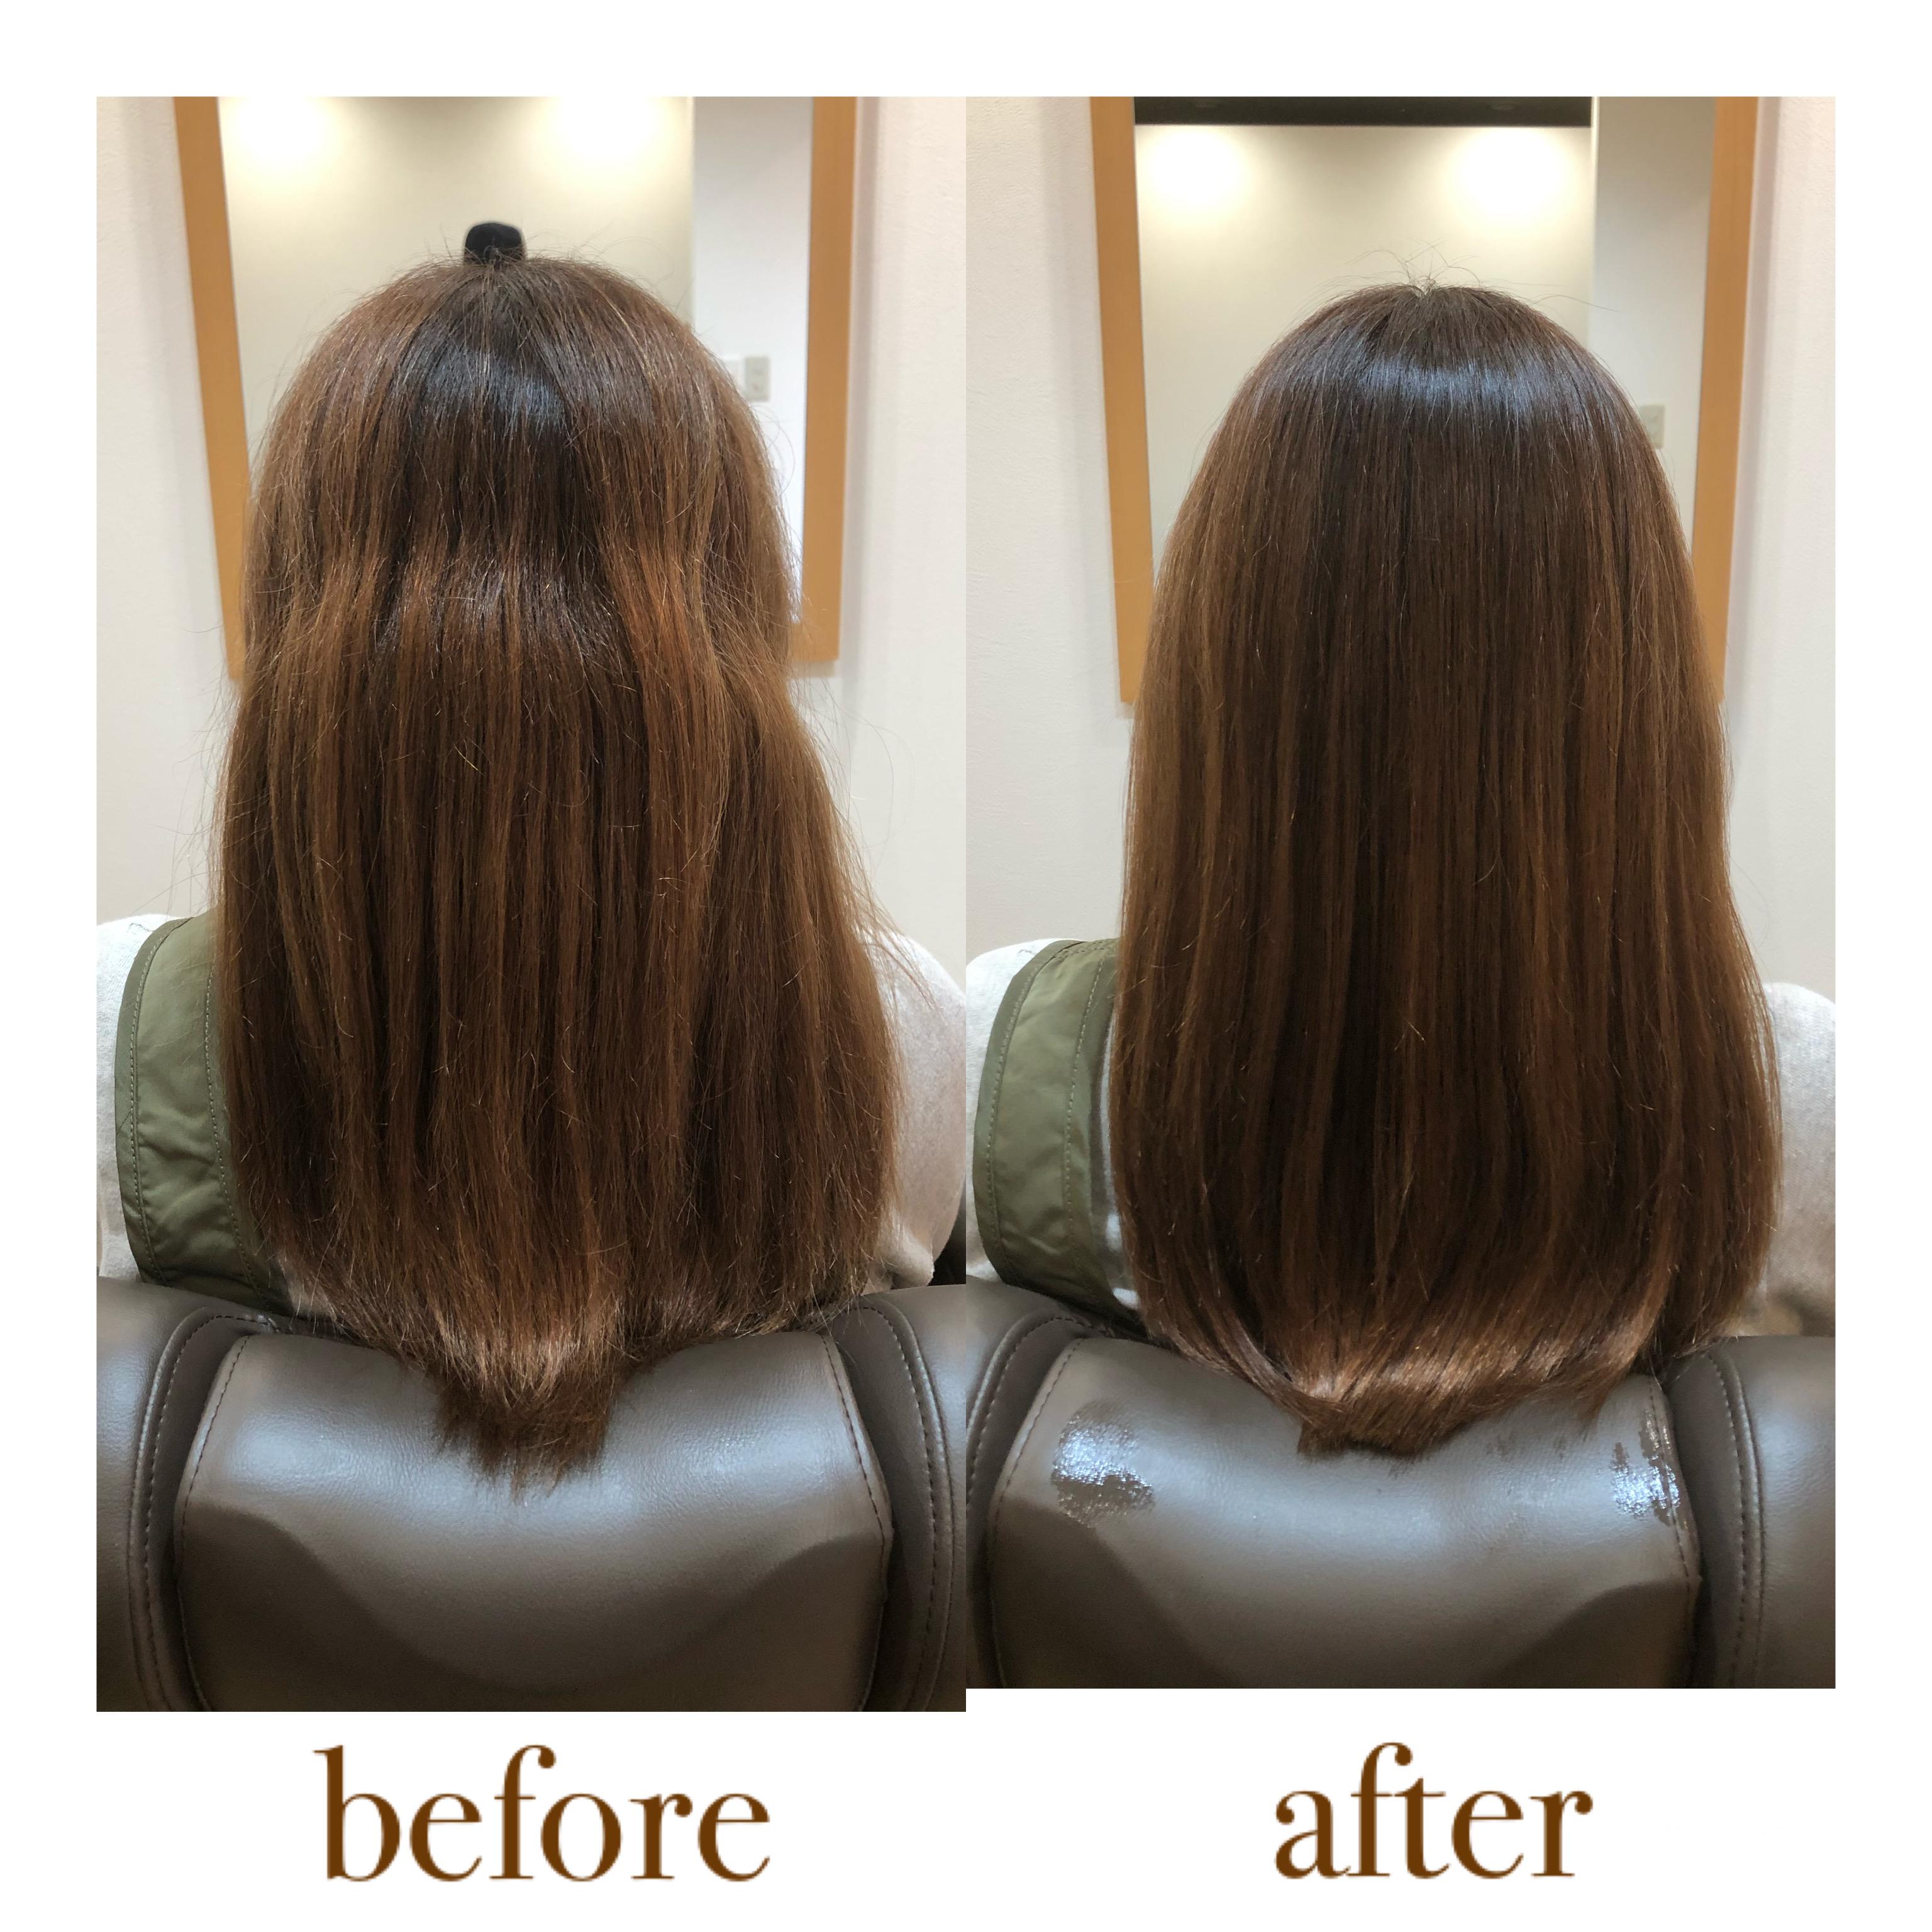 うねる 髪の毛